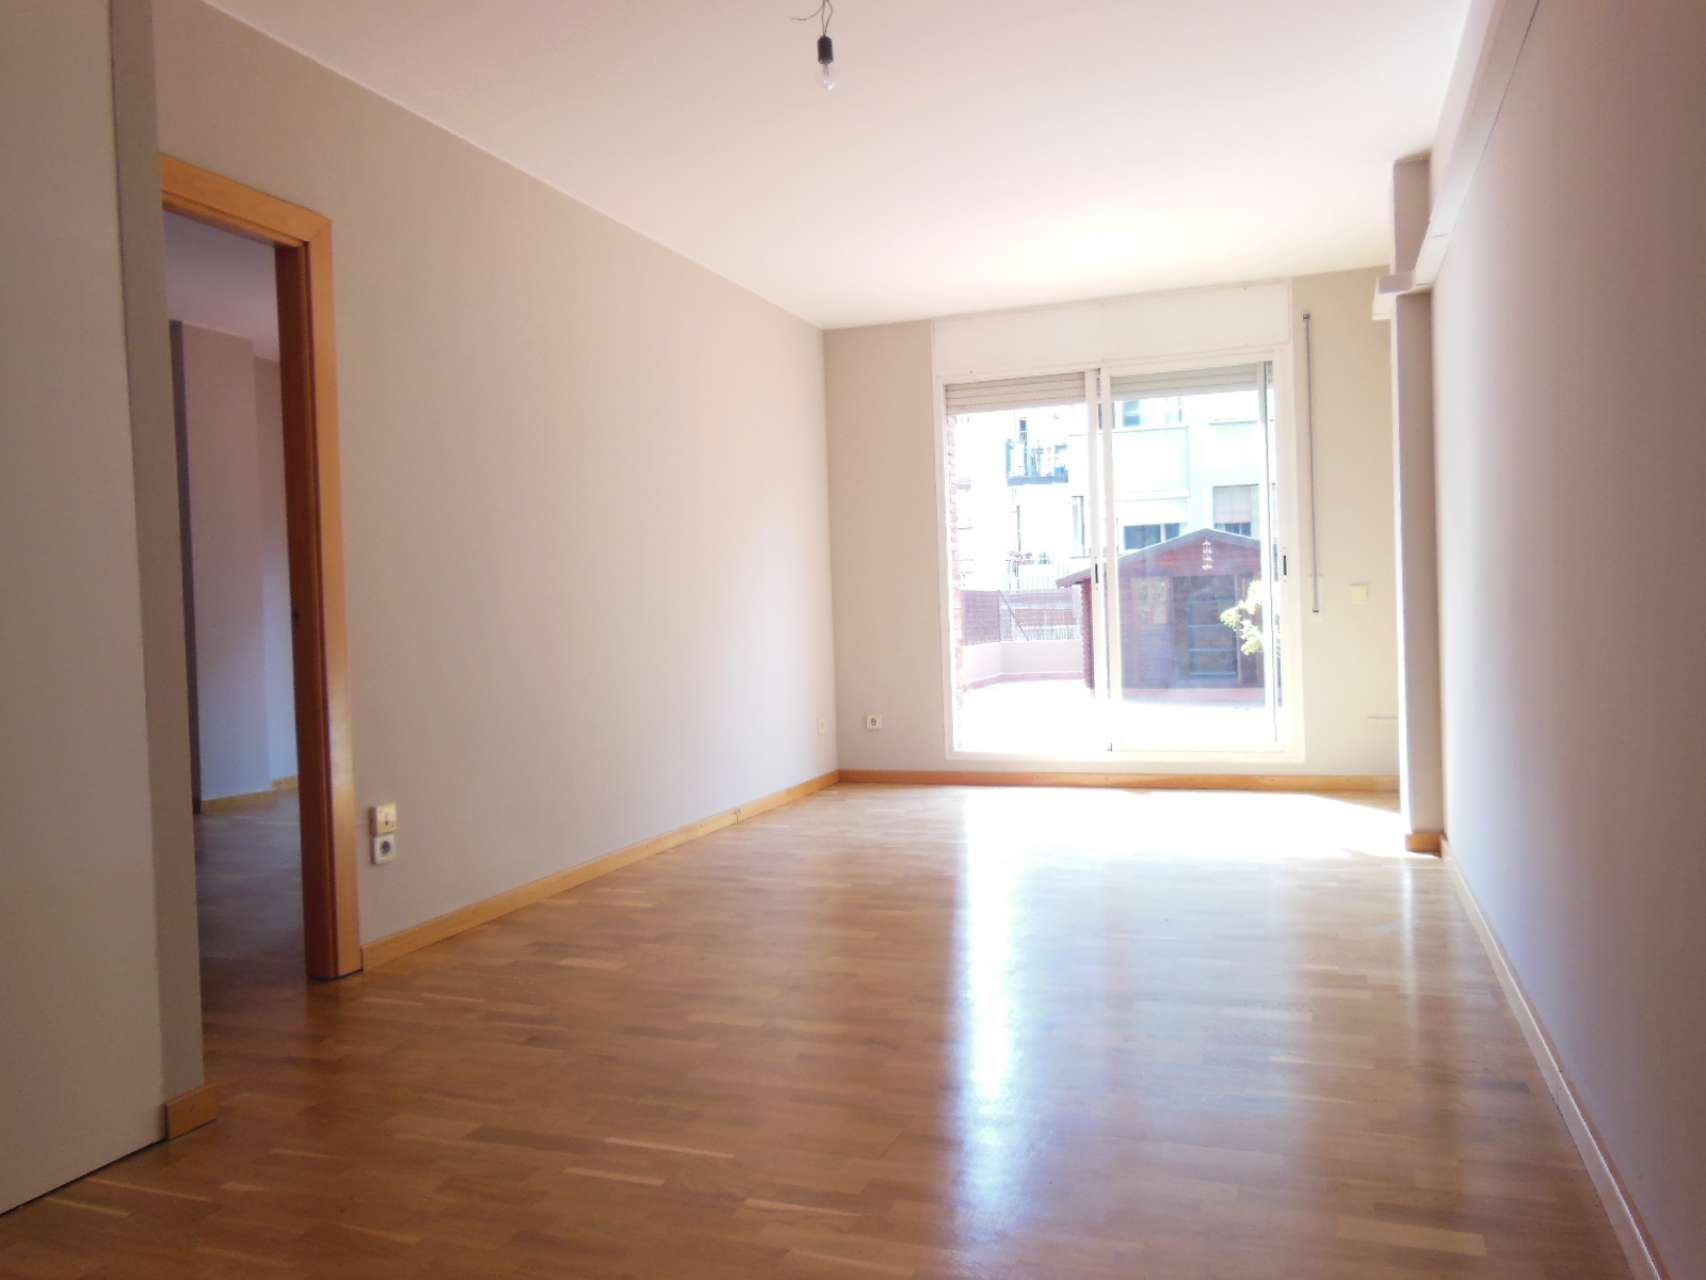 Piso en alquiler barcelona l 39 eixample cartagena - Alquiler pisos barcelona eixample ...